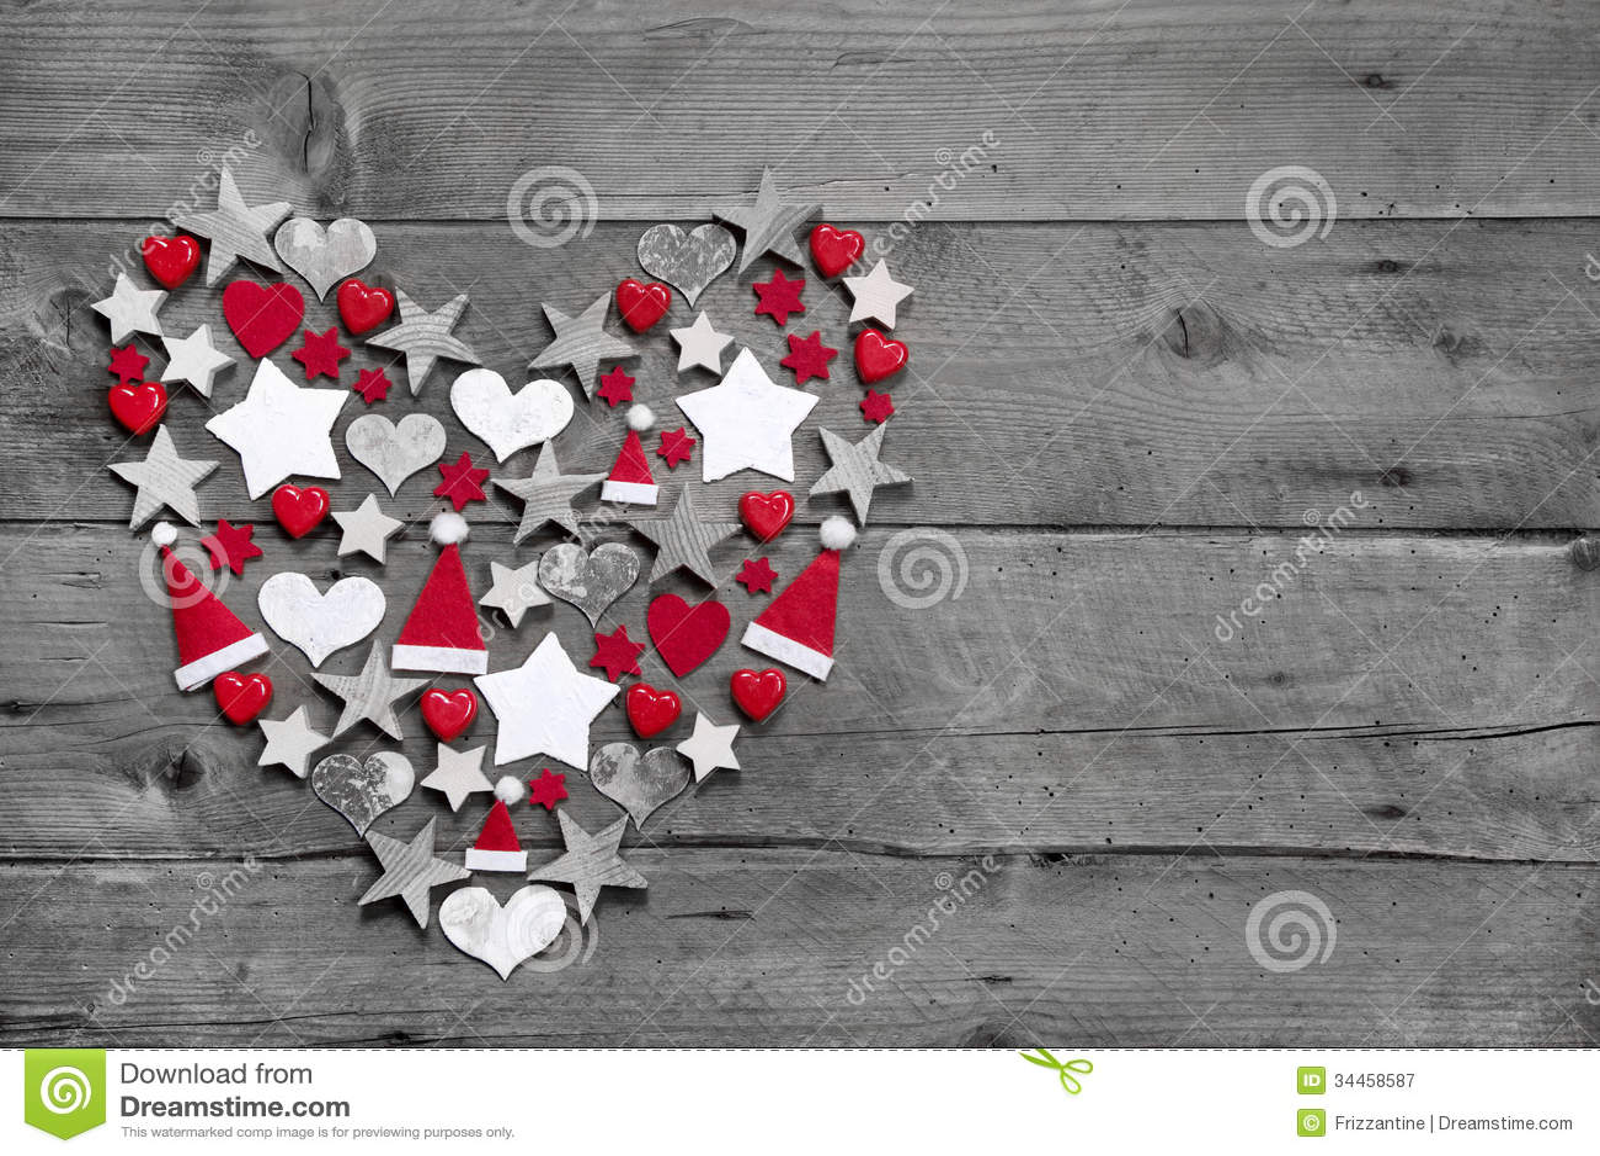 la d coration de no l a form le coeur sur le fond en bois